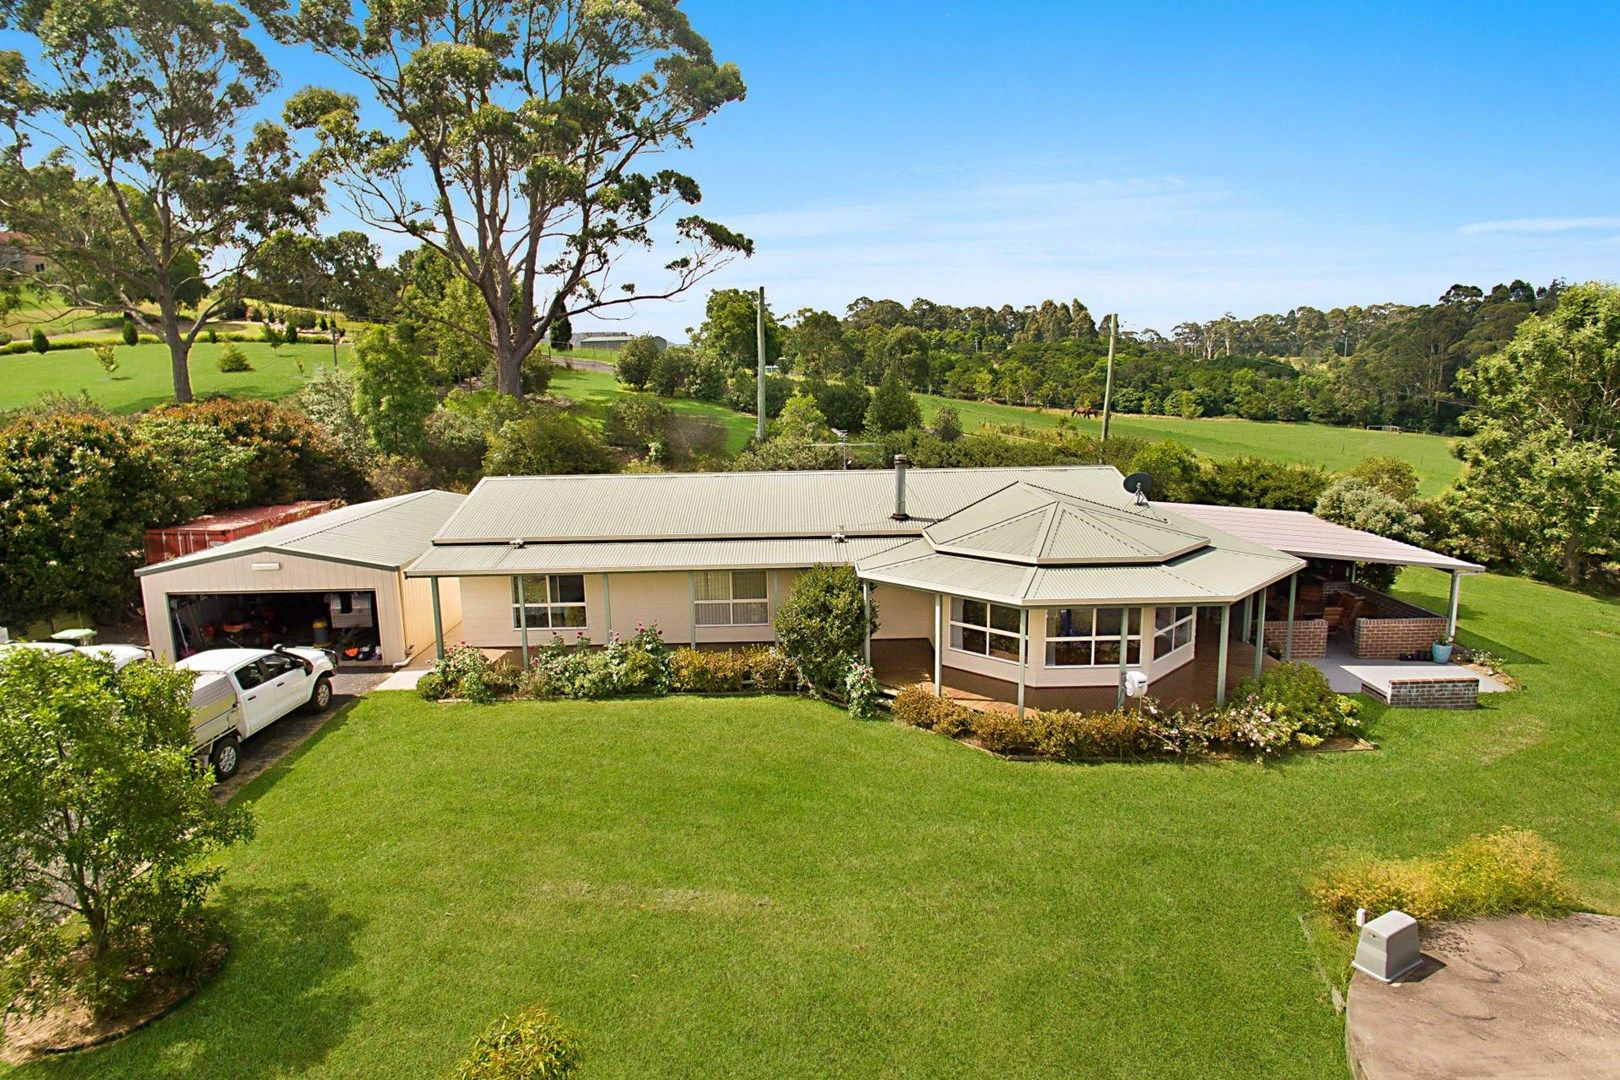 68 Wagonga Scenic Drive, Narooma NSW 2546, Image 0